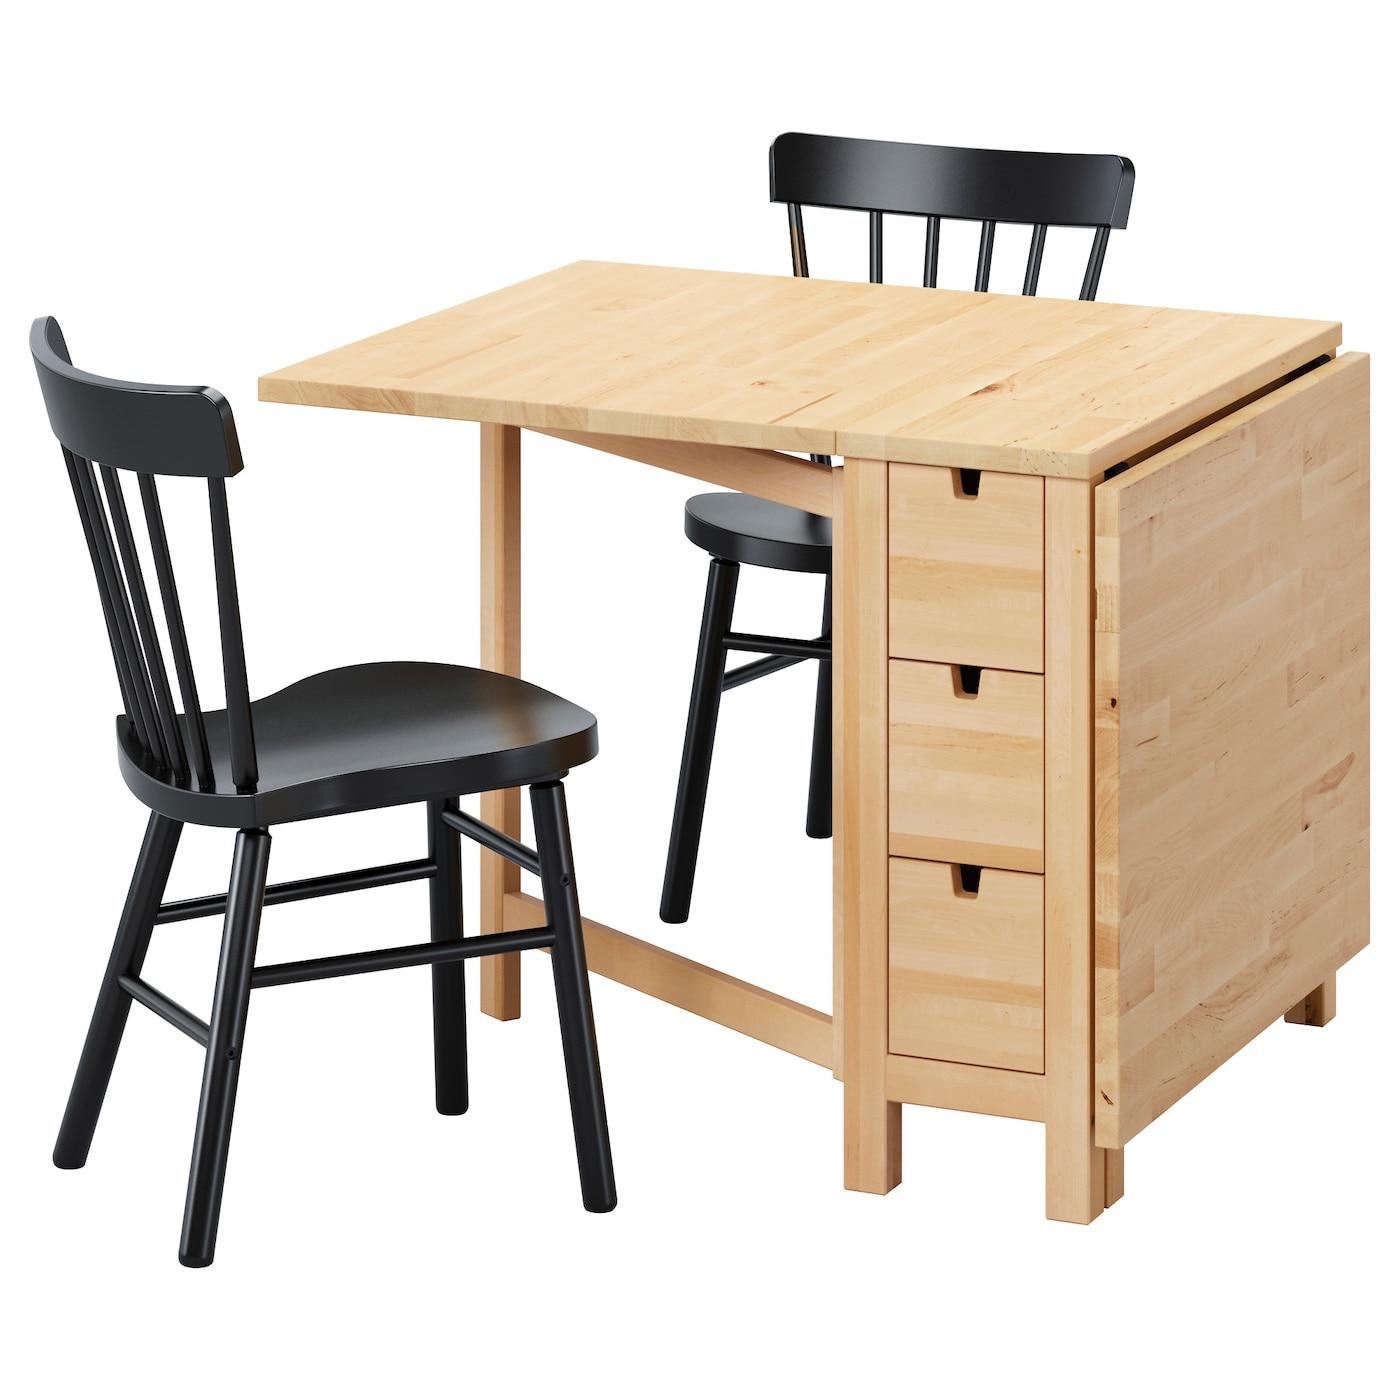 Conjuntos de comedor para 2 personas mesas y sillas - Mesa norden ikea ...